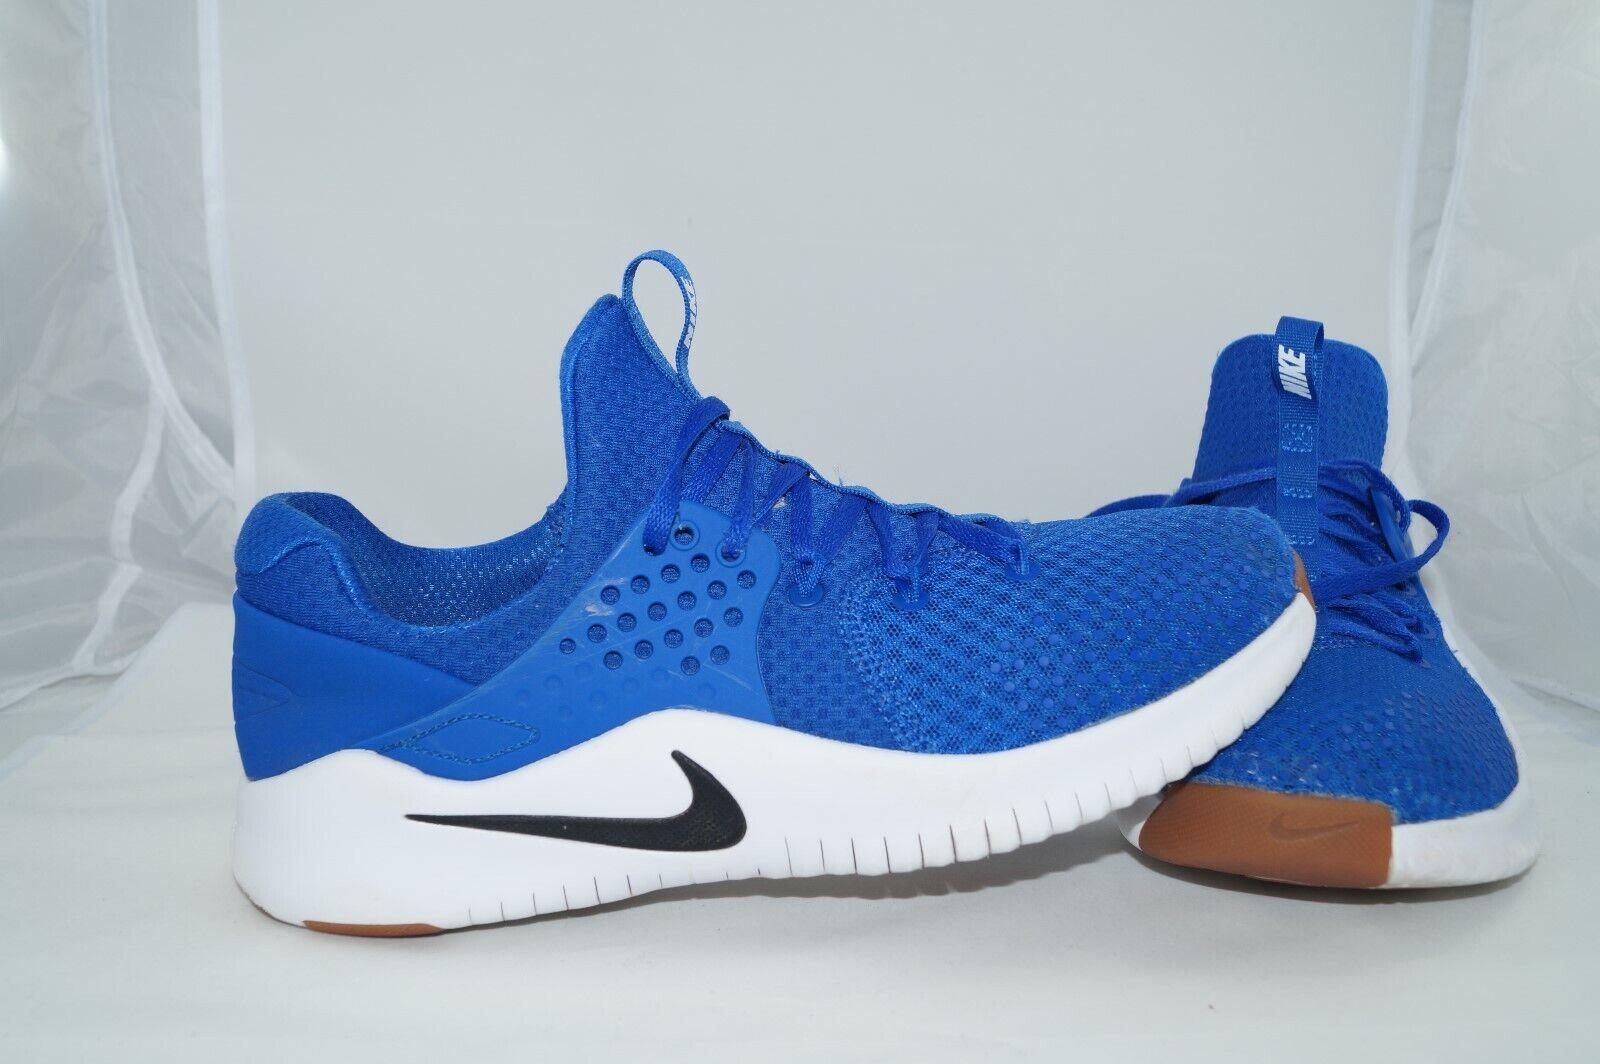 Nike Free TR V8 Trainers EU 42 US 8,5 UK 7,5 Sportschuhe AH9395-401 Blau